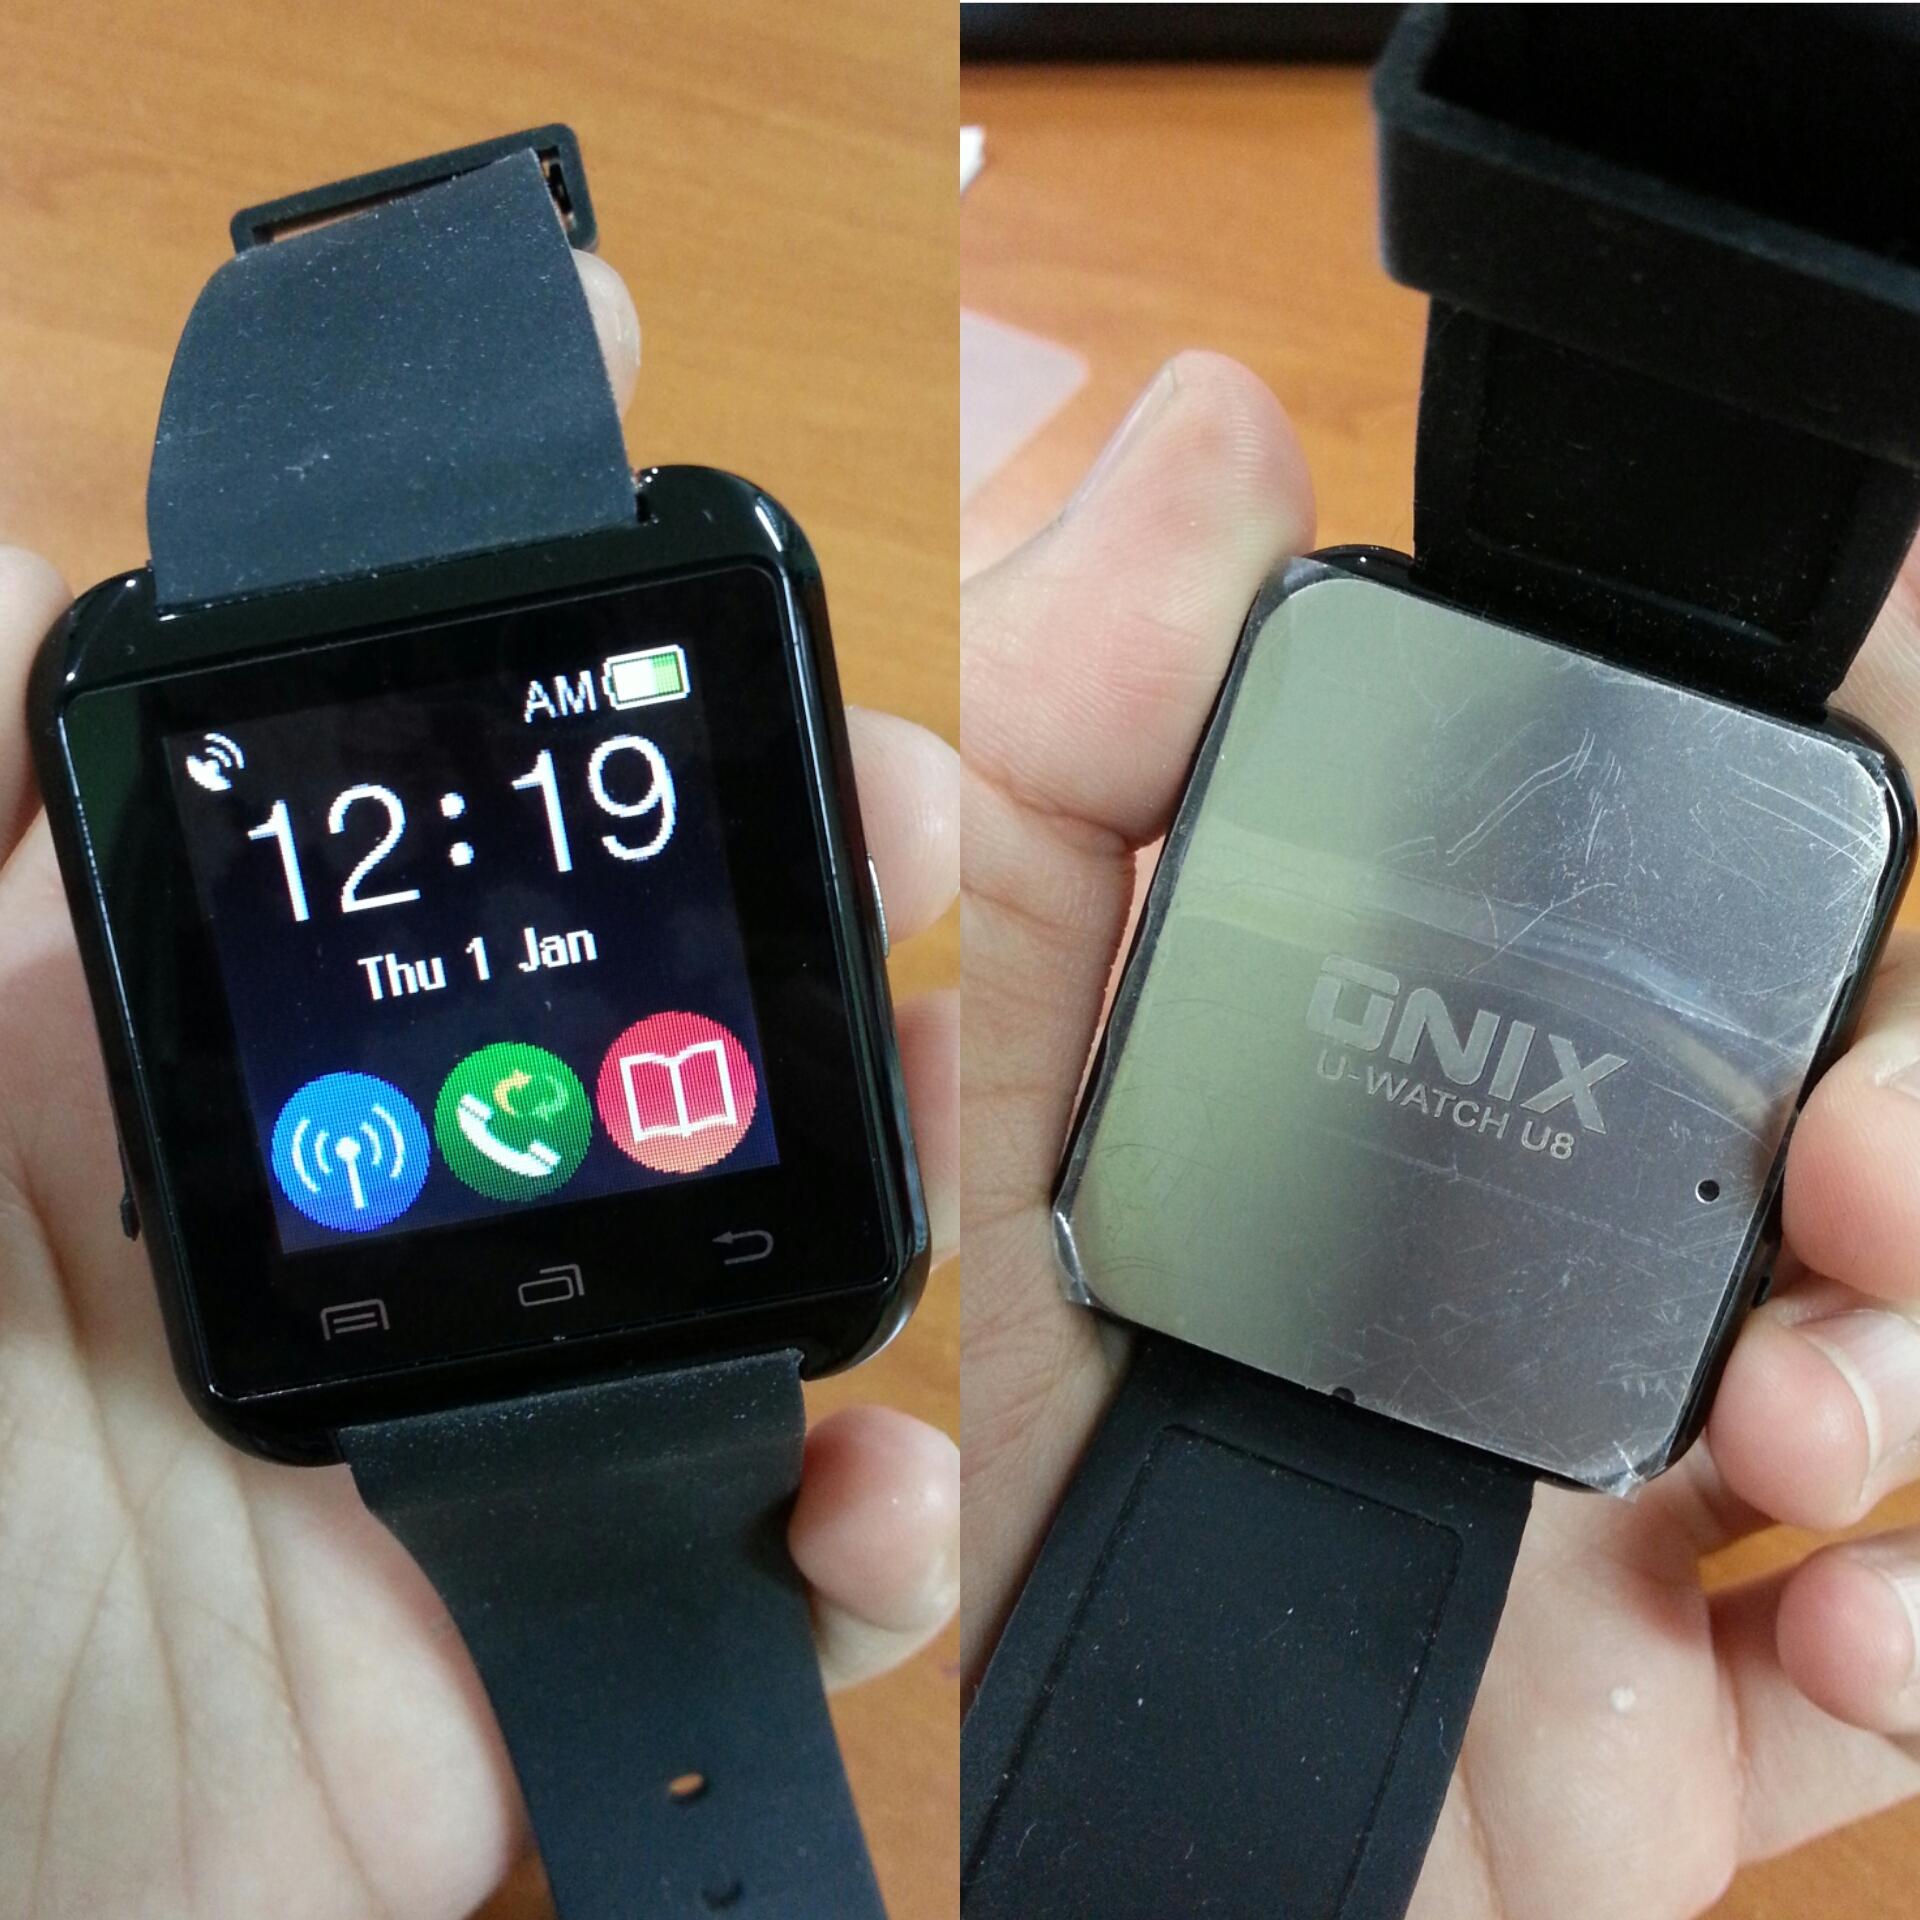 Jual Onix U Watch U8 Smartwatch Original Strap Rubber Hitam Source · 602568 28de7ca6 0116 450a